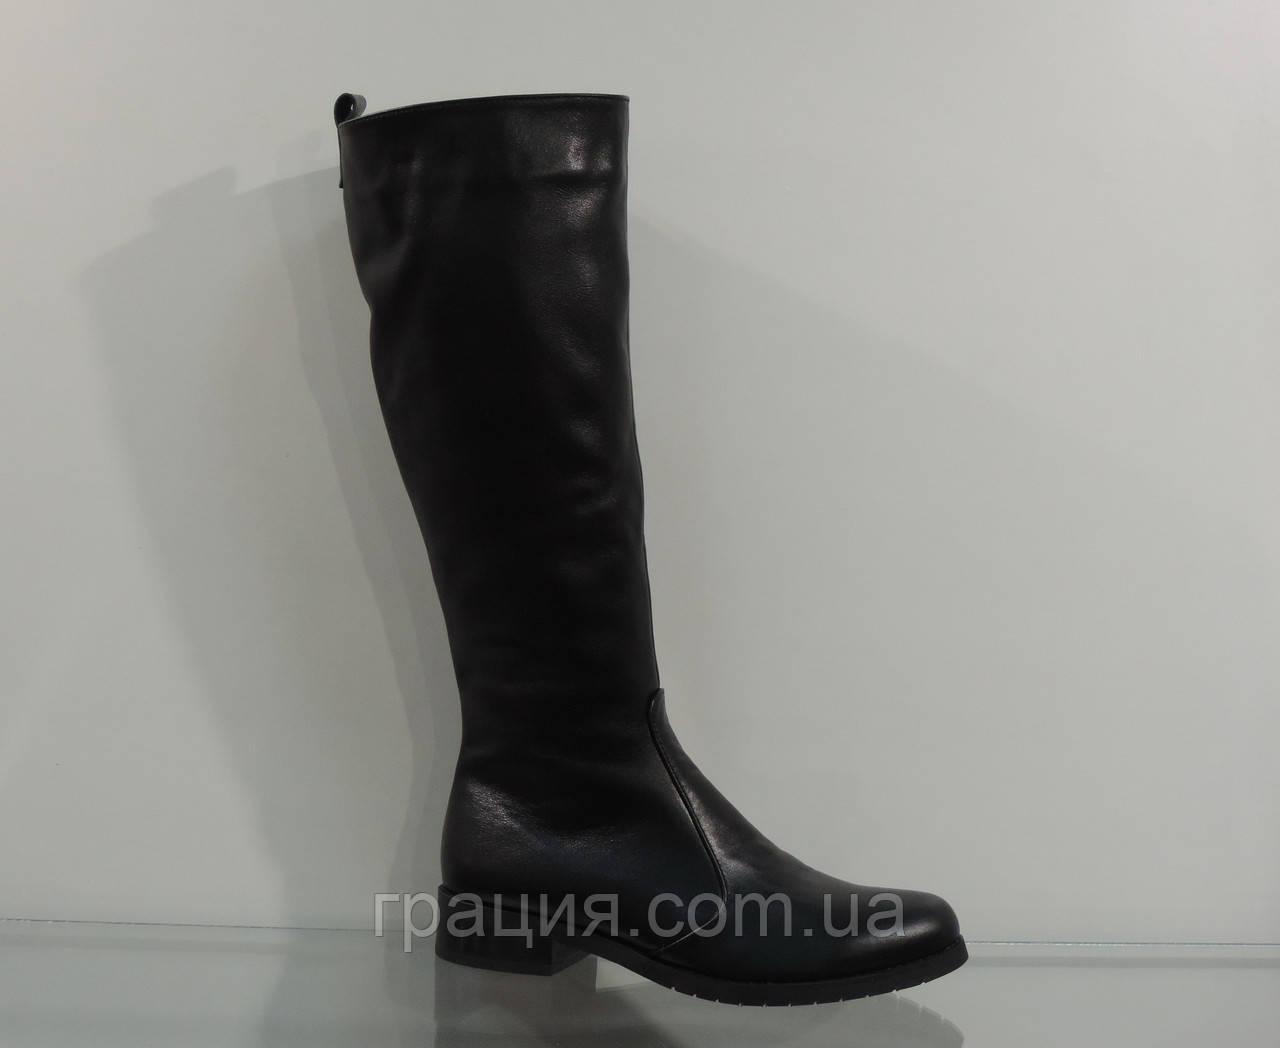 Зимние женские кожаные сапоги